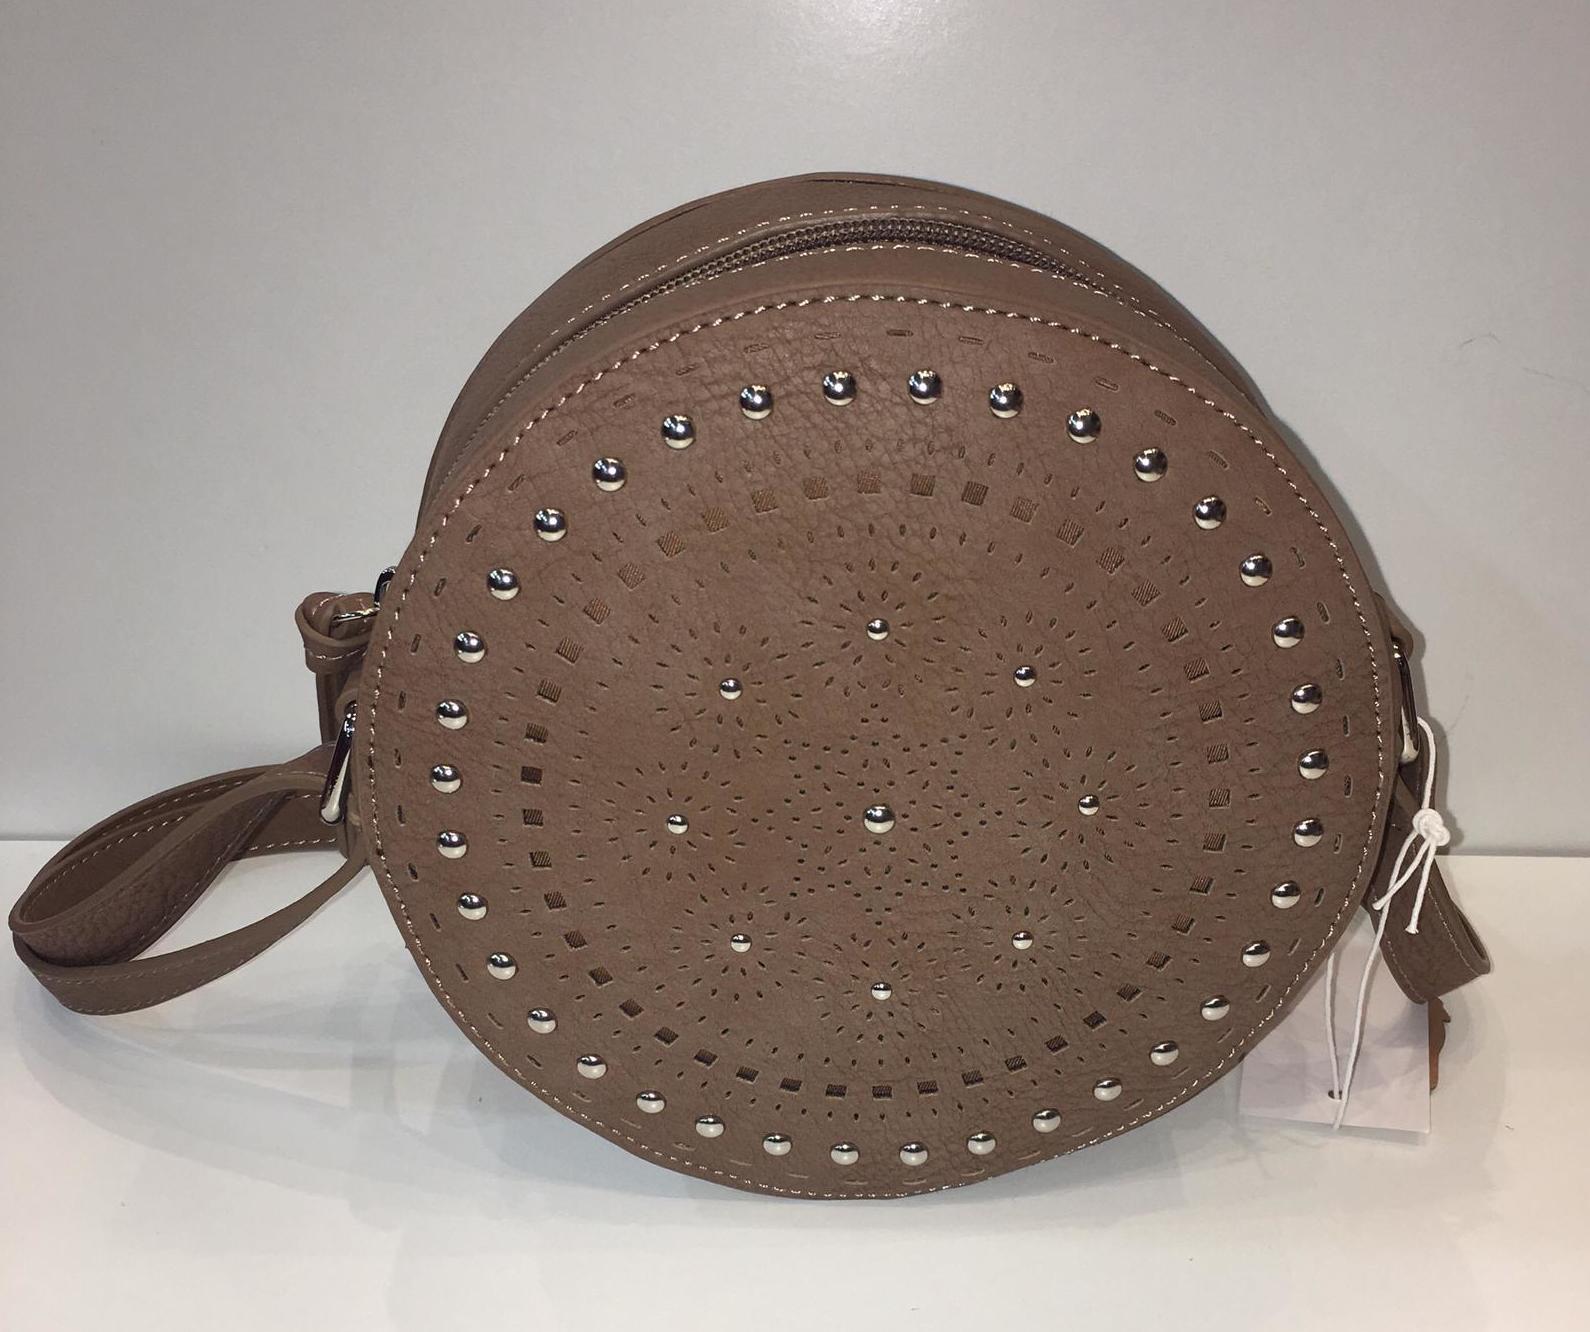 pequeño bolso con forma redonda